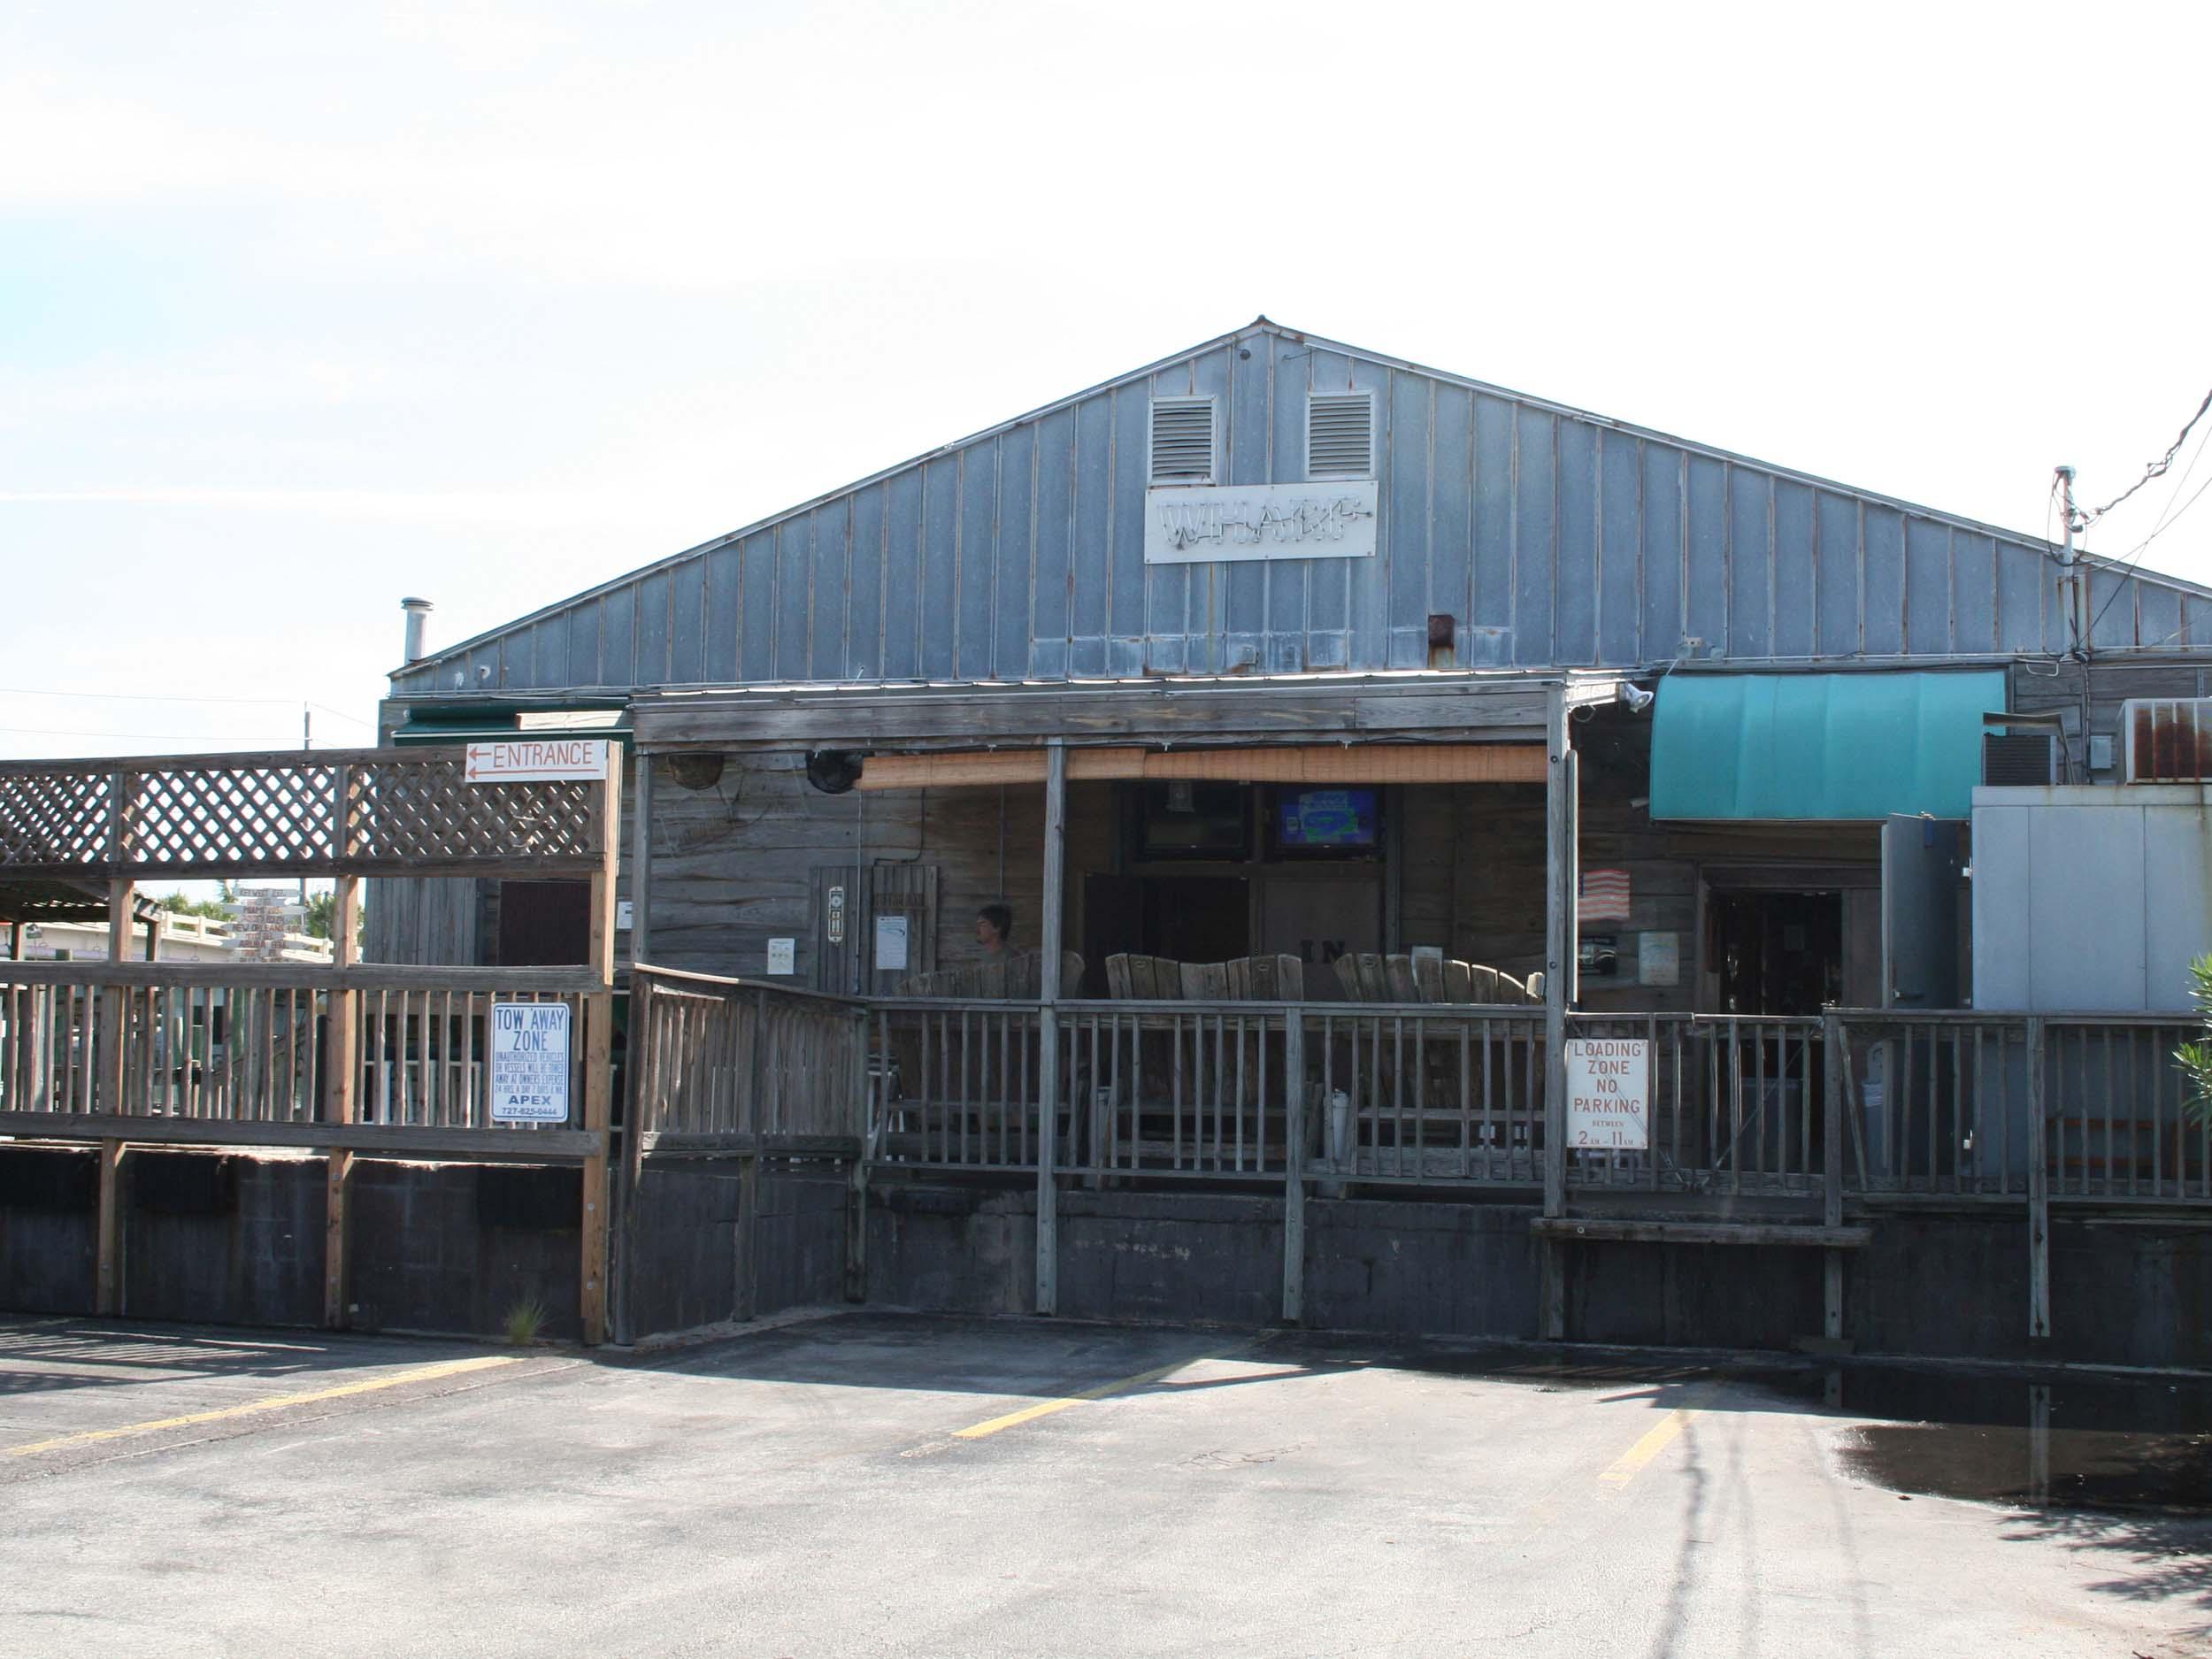 The Wharf Restaurant Exterior